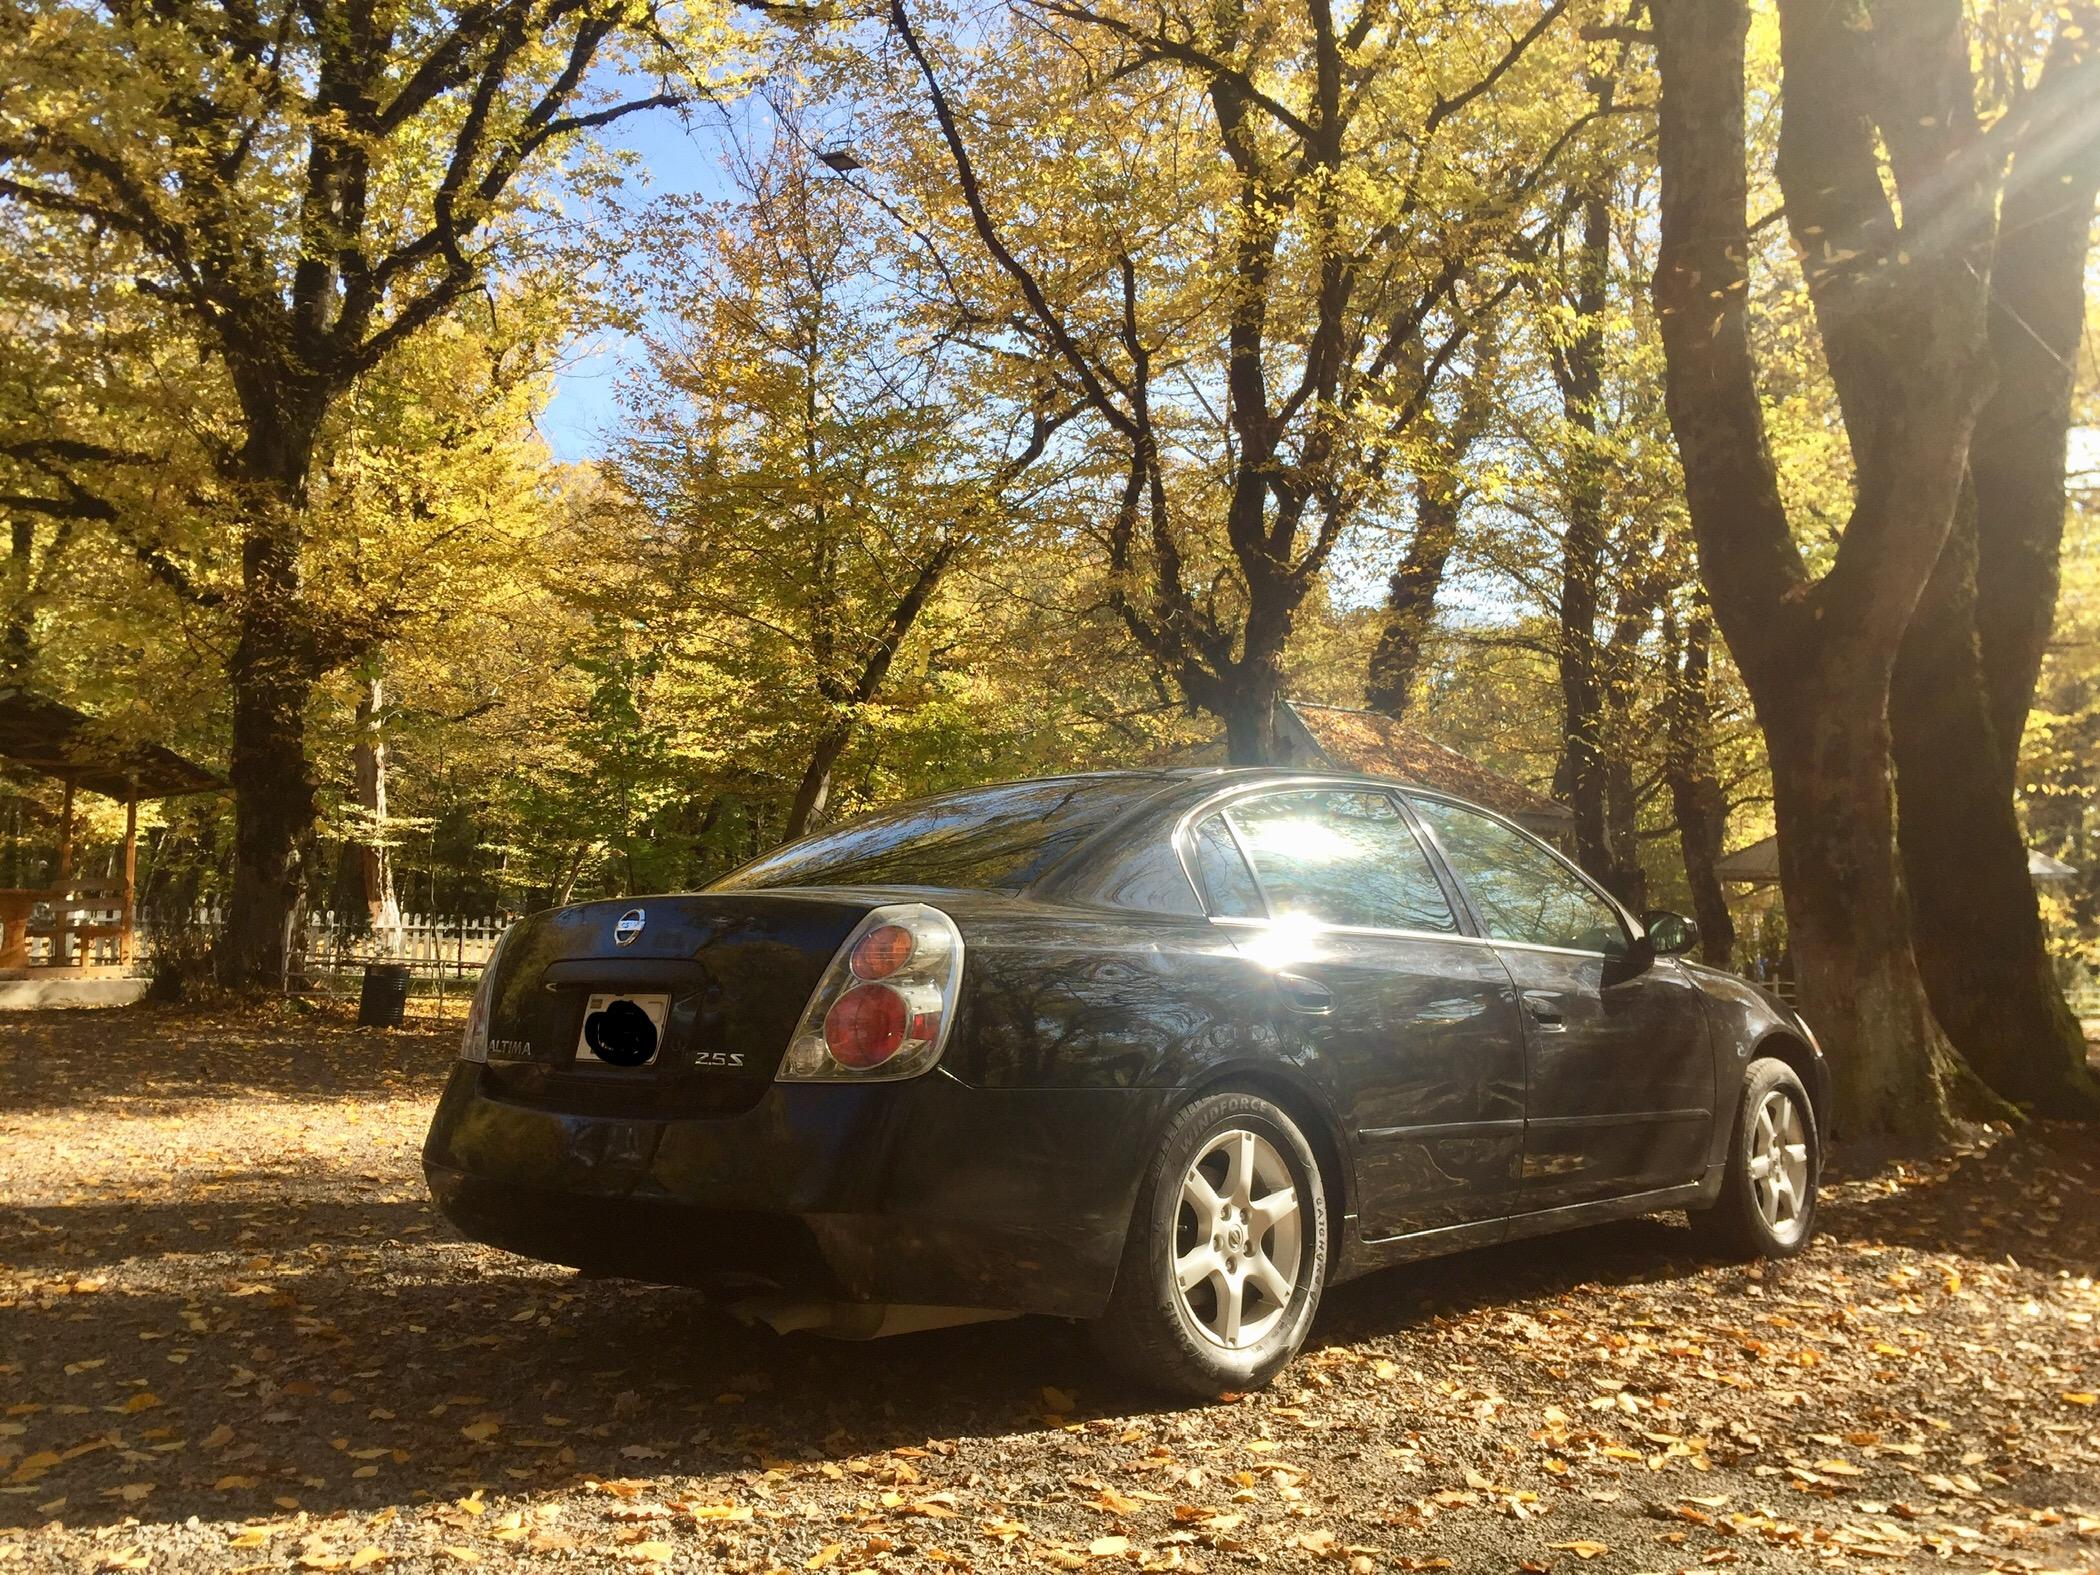 Nissan Altima 2.5(lt) 2005 İkinci əl  $11700